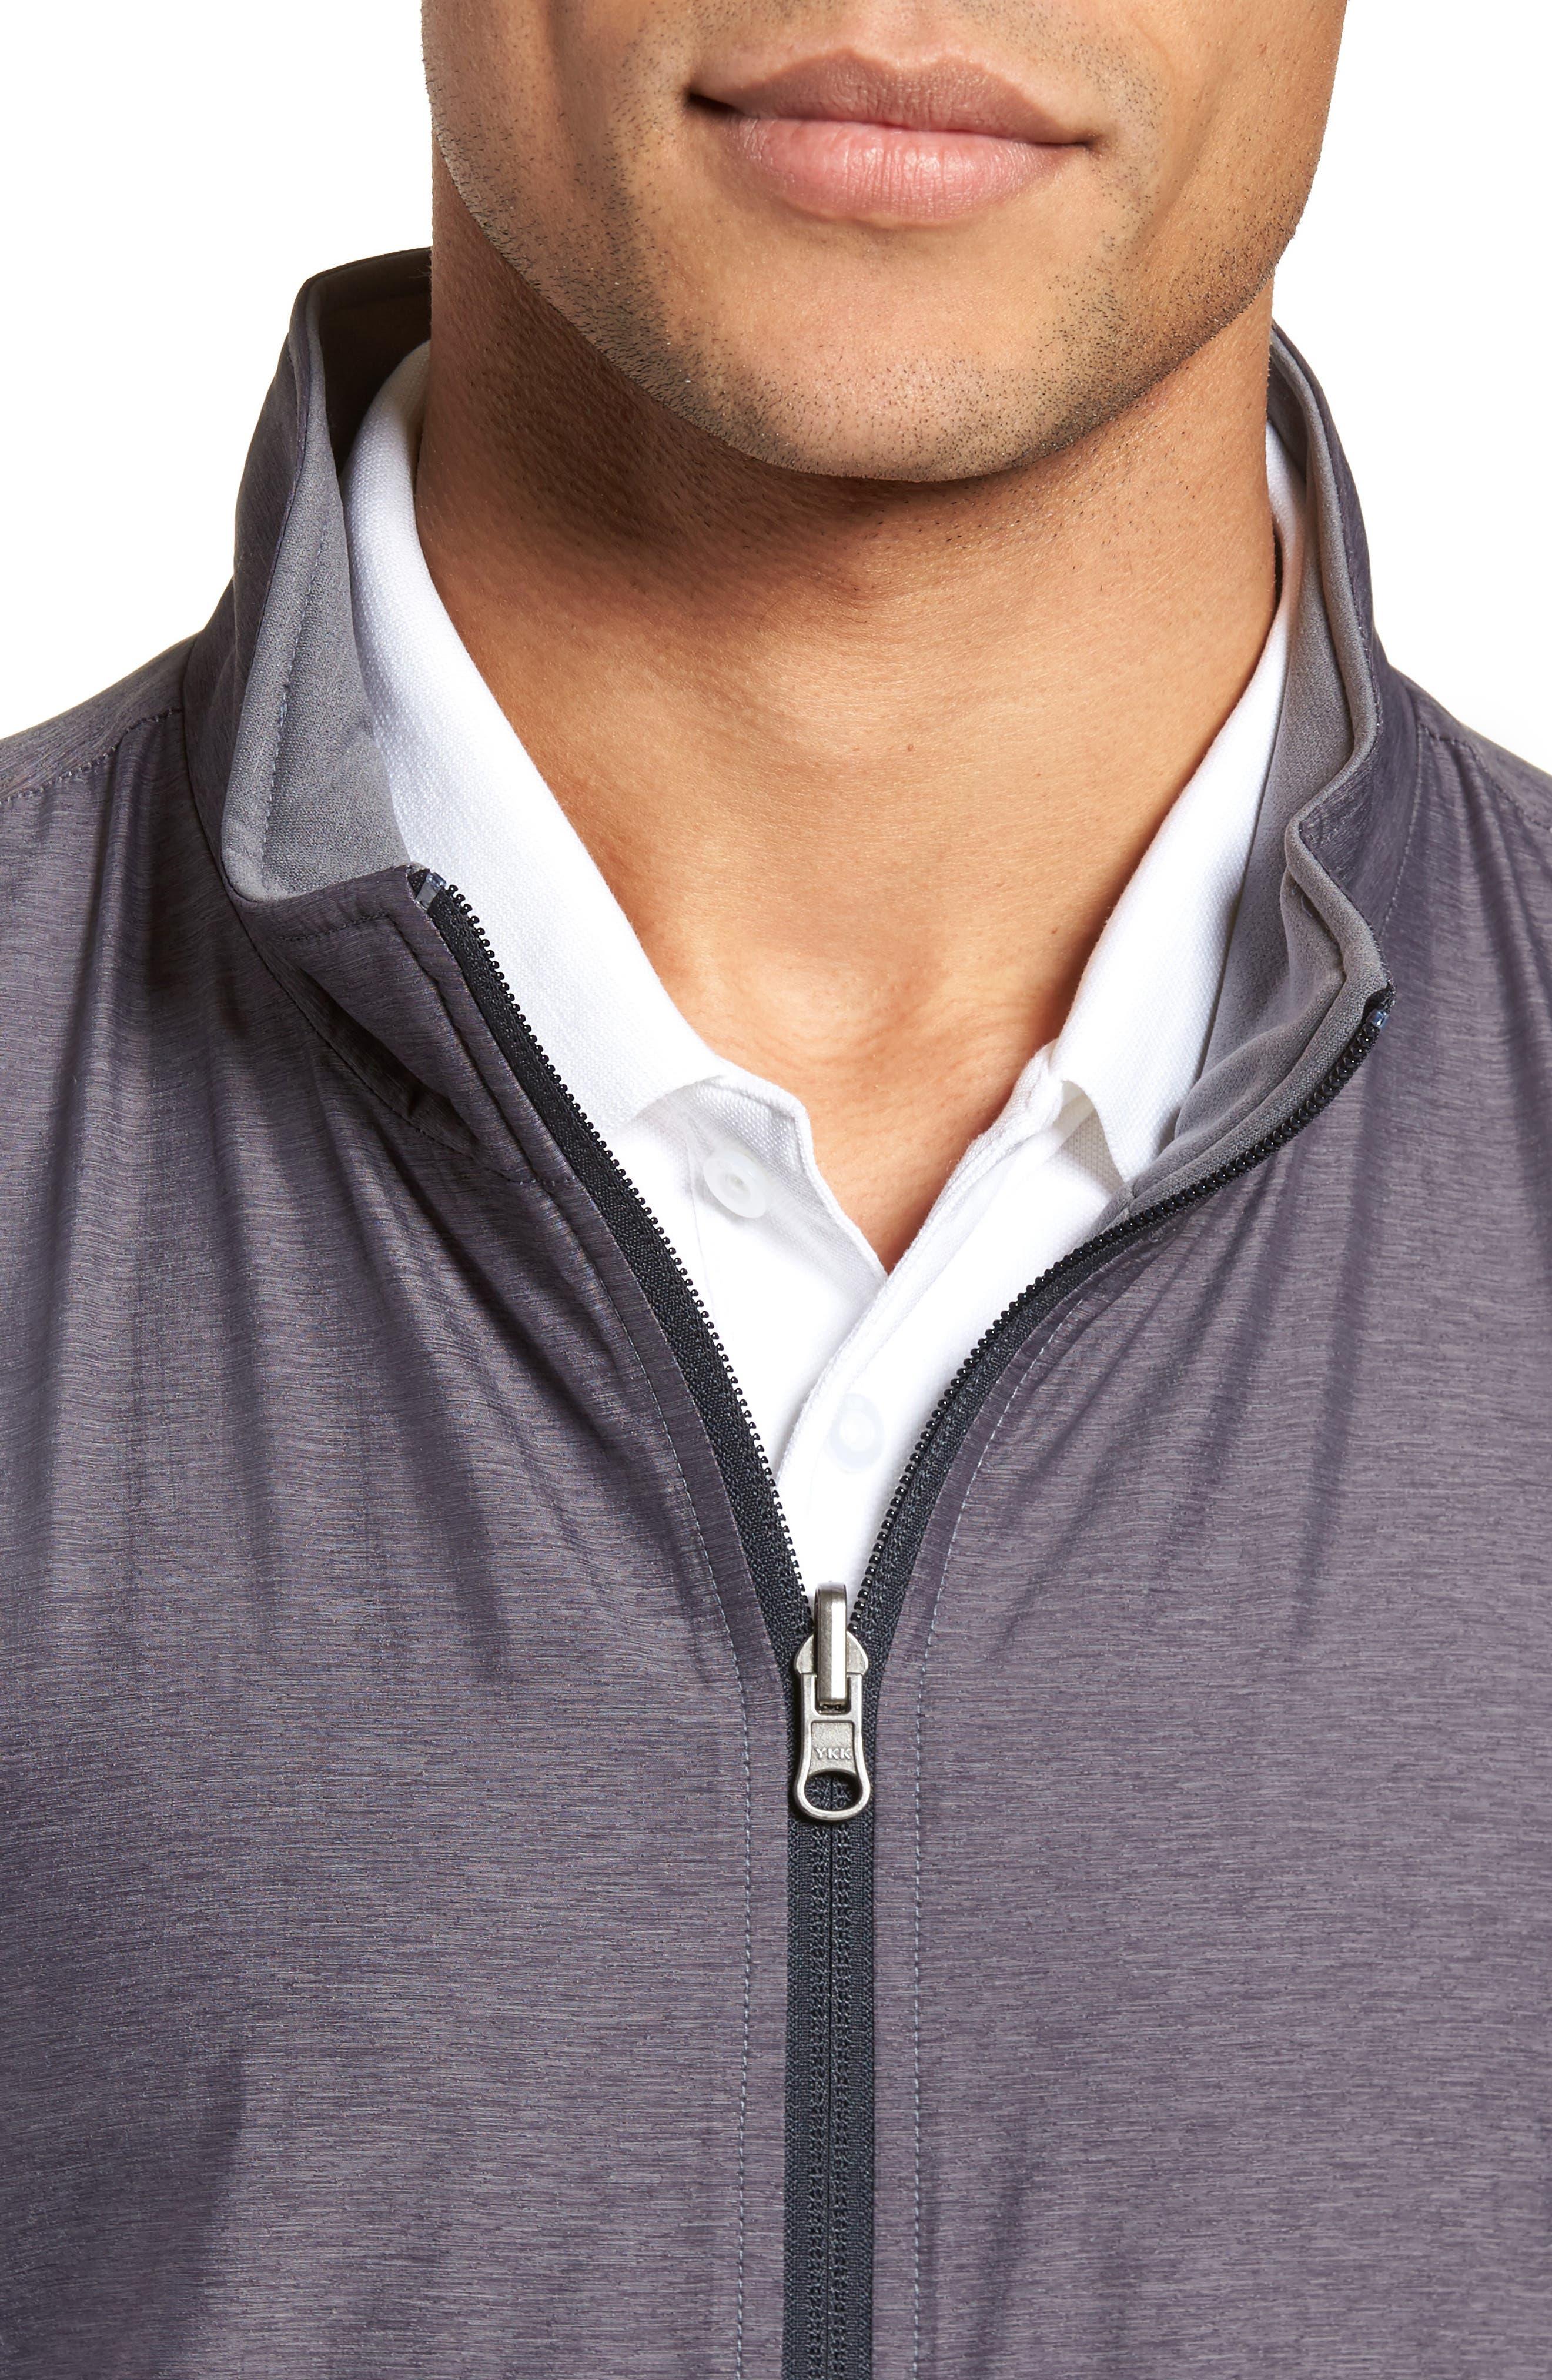 Carthage Reversible Vest,                             Alternate thumbnail 5, color,                             BLACK